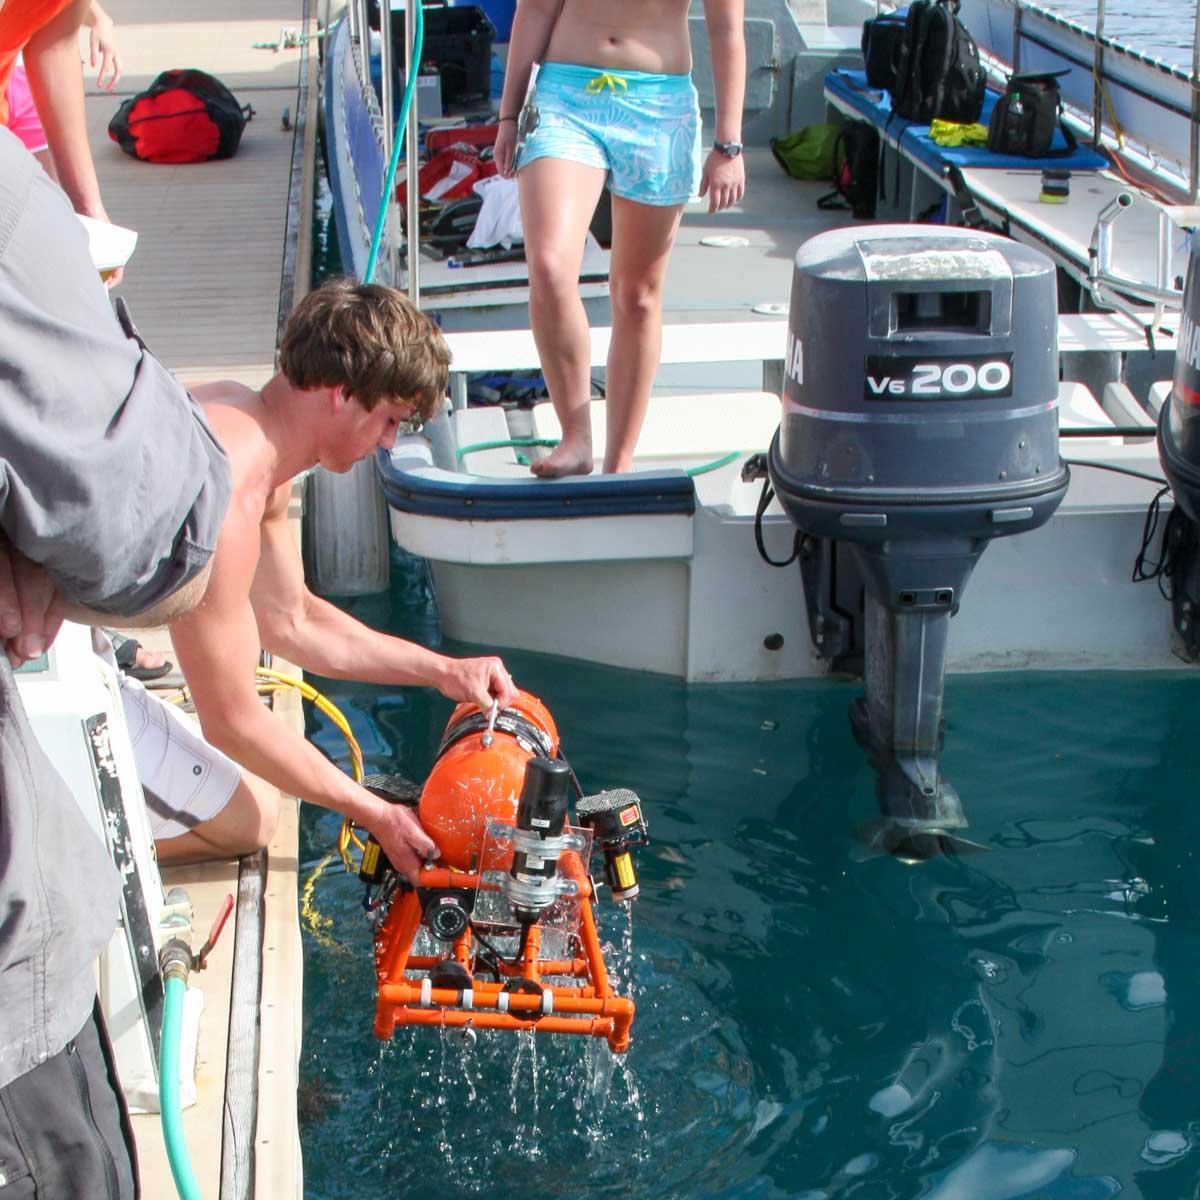 Retrieving the ROV